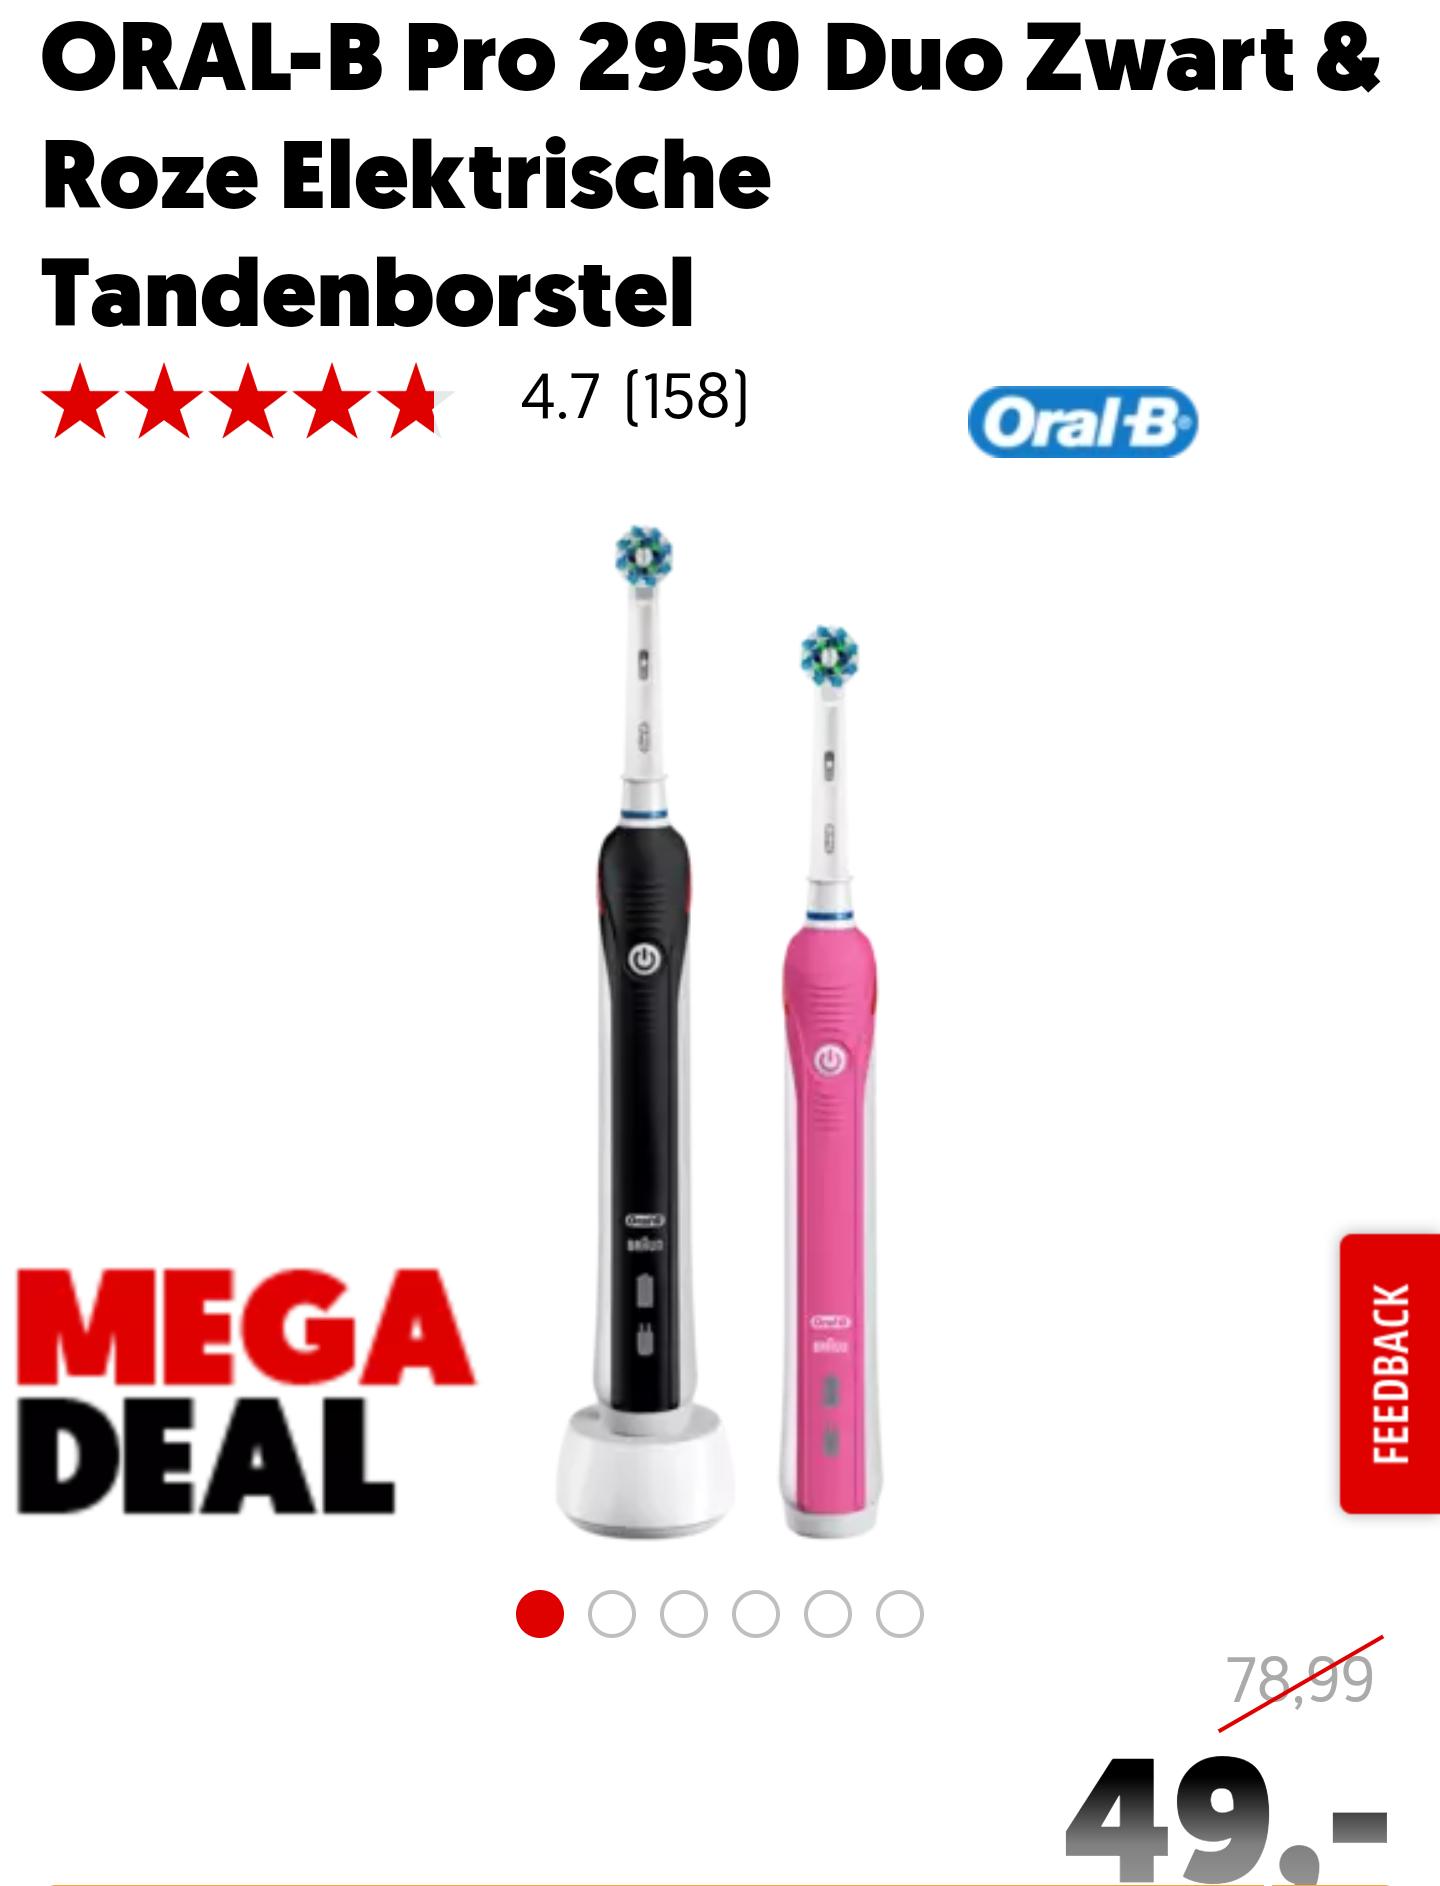 ORAL-B Pro 2950 Duo Zwart & Roze Elektrische Tandenborstel